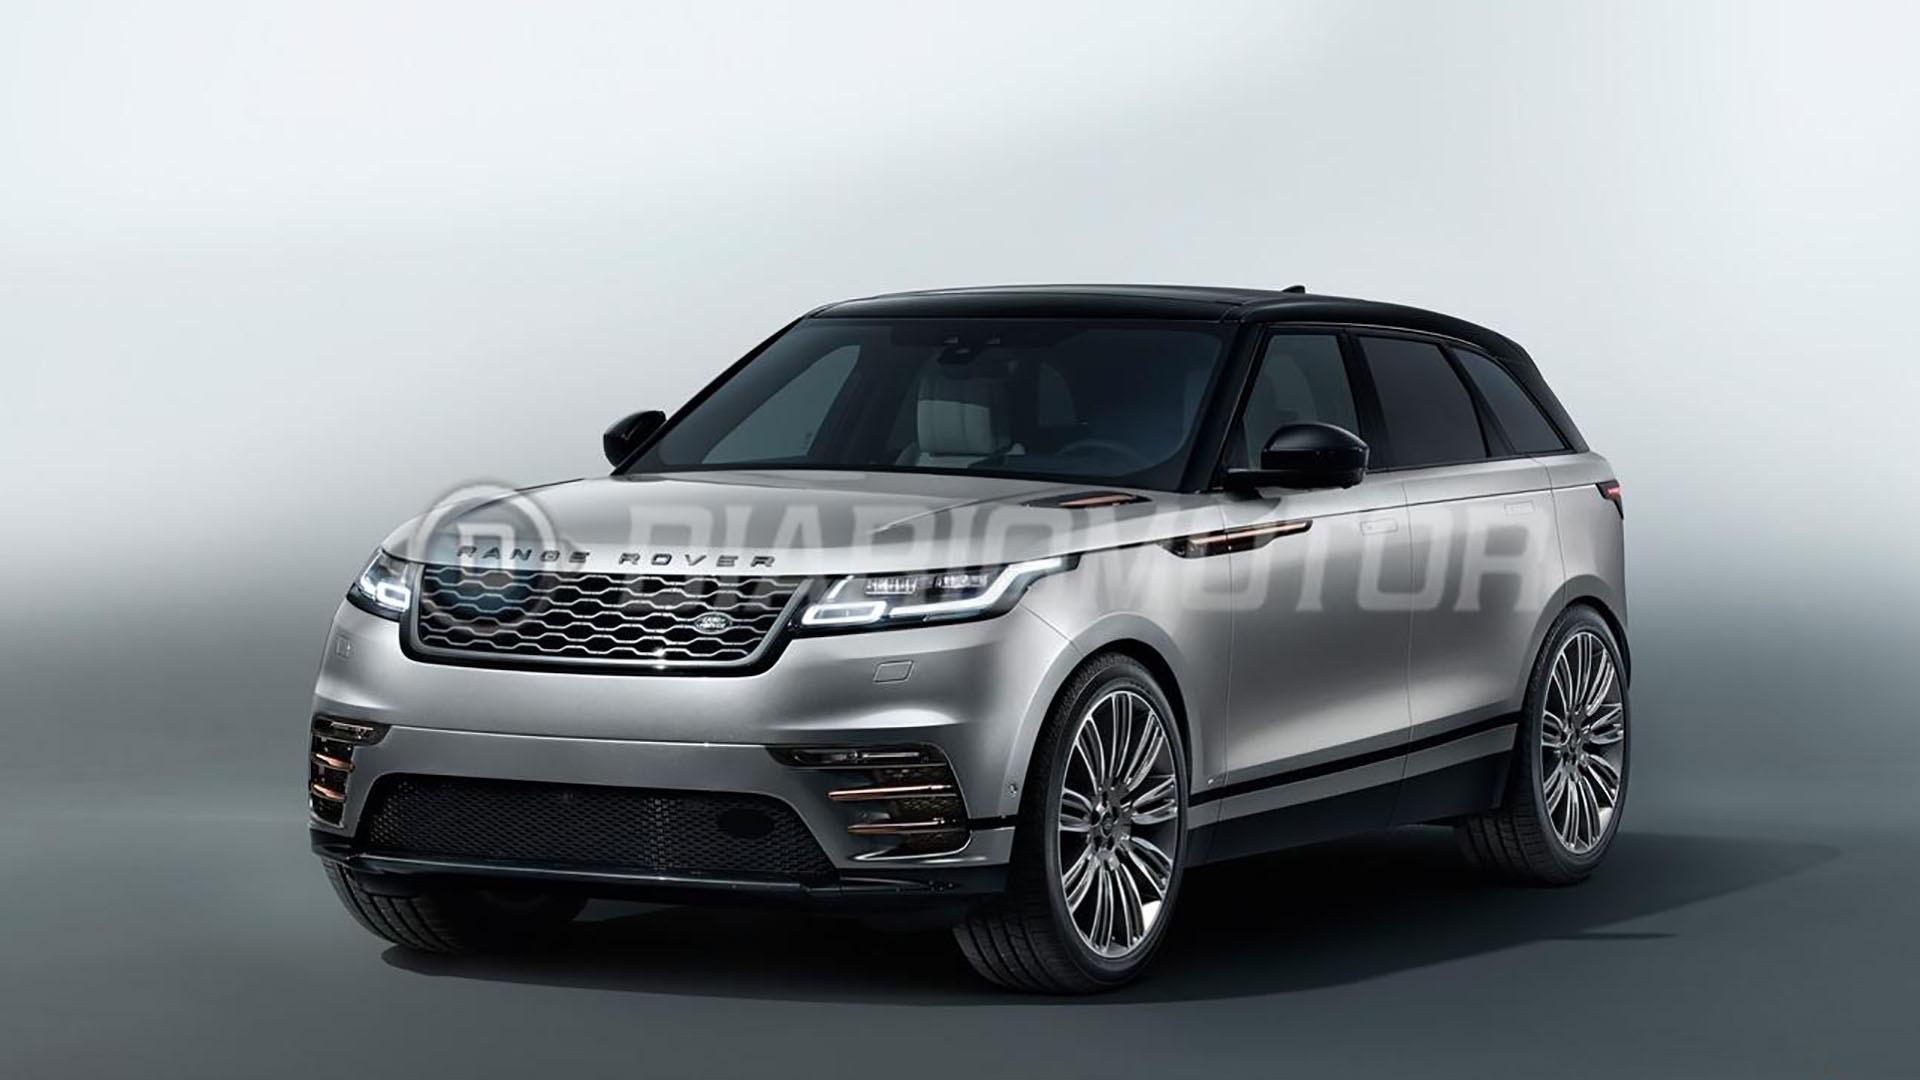 More Range Rover Velar Photos Leak Online